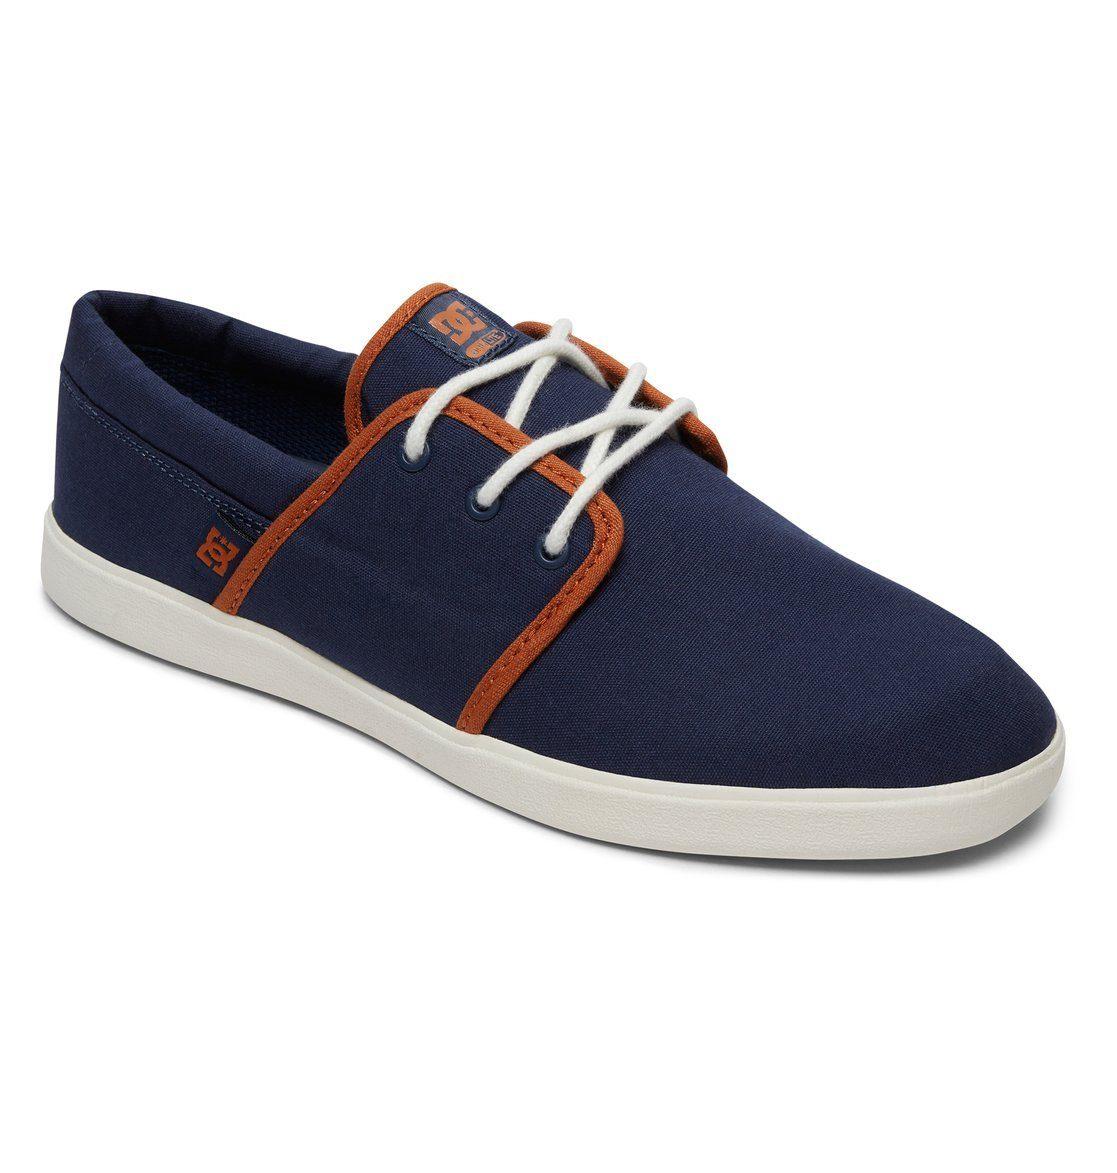 Chaussures Dc Bleu Chaussures Pour Les Hommes Harbour b90sg1p